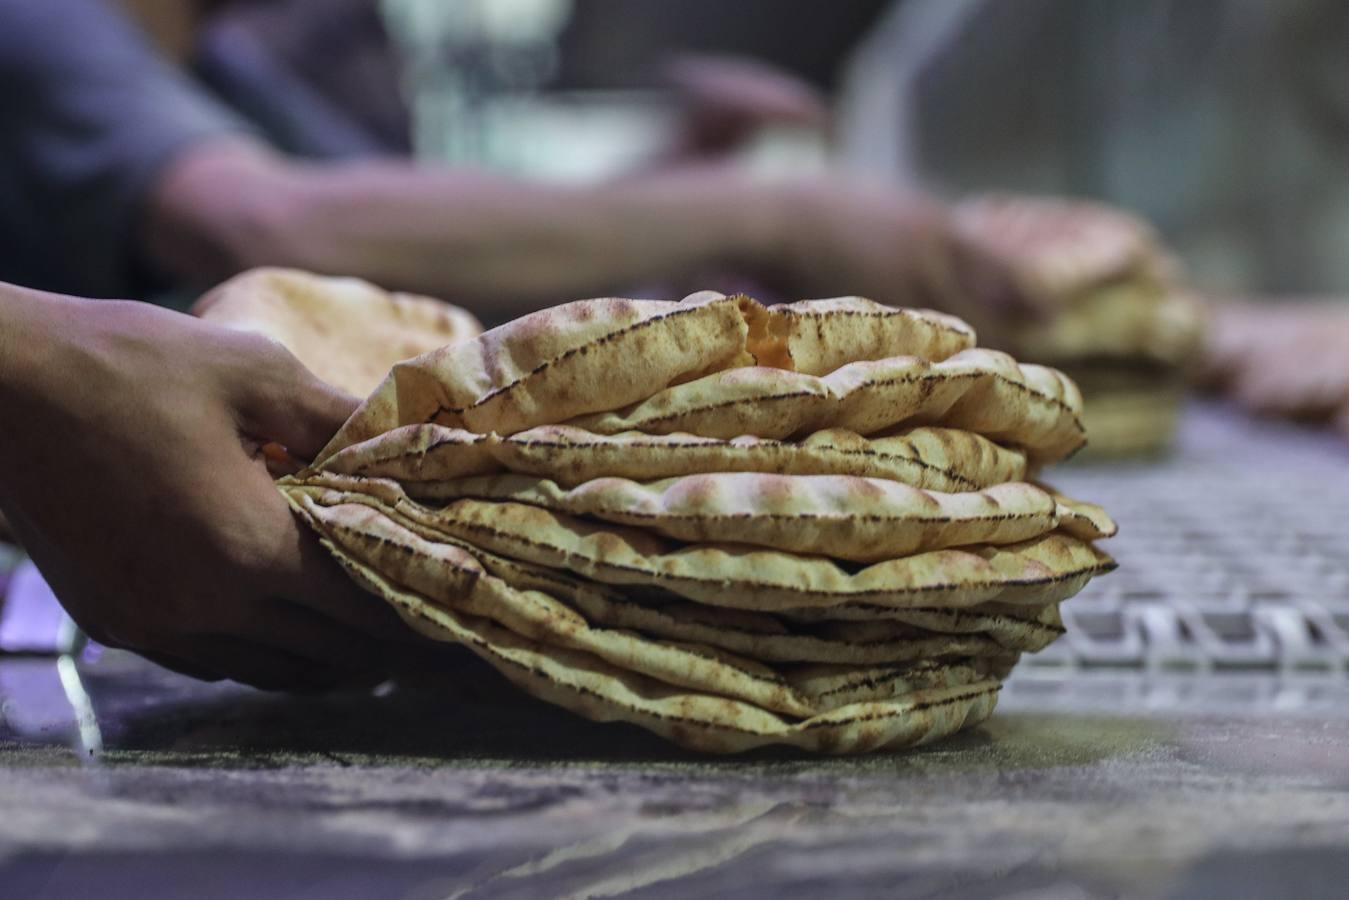 La panadería de la caridad vende el pan con un descuento